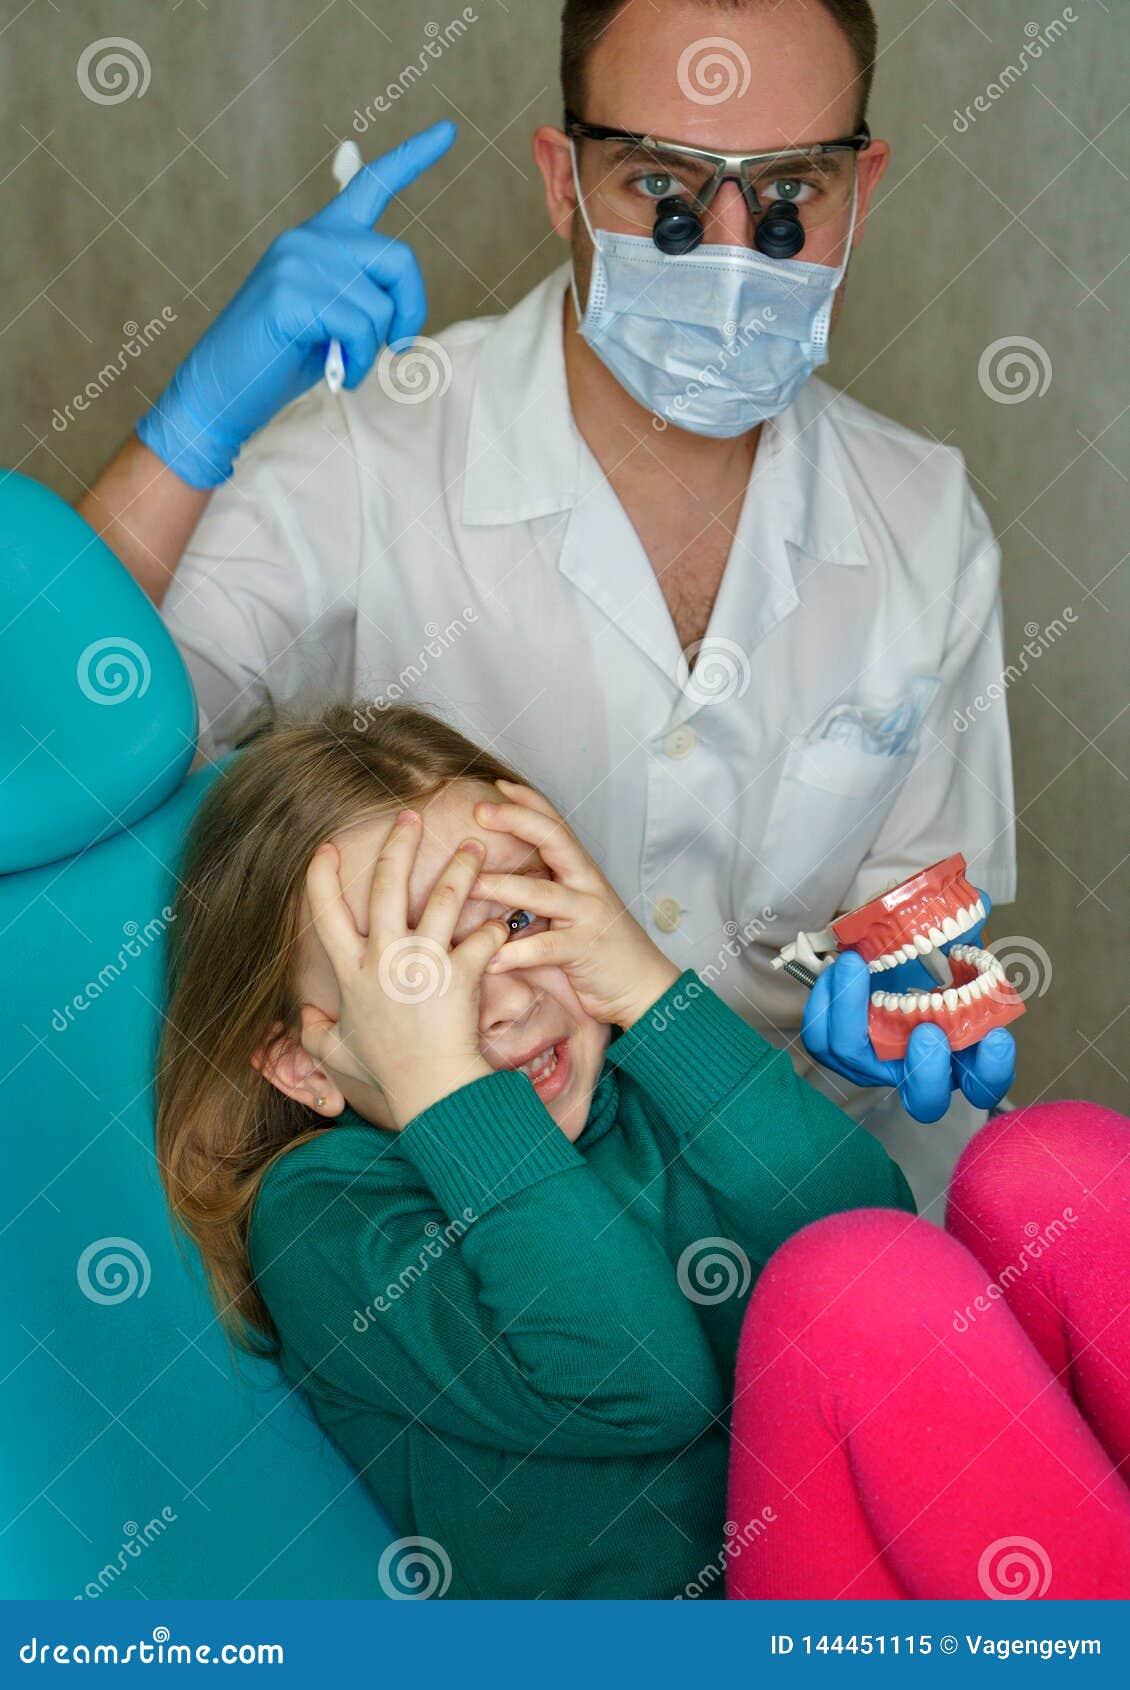 Μικρό κορίτσι στην οδοντική κλινική